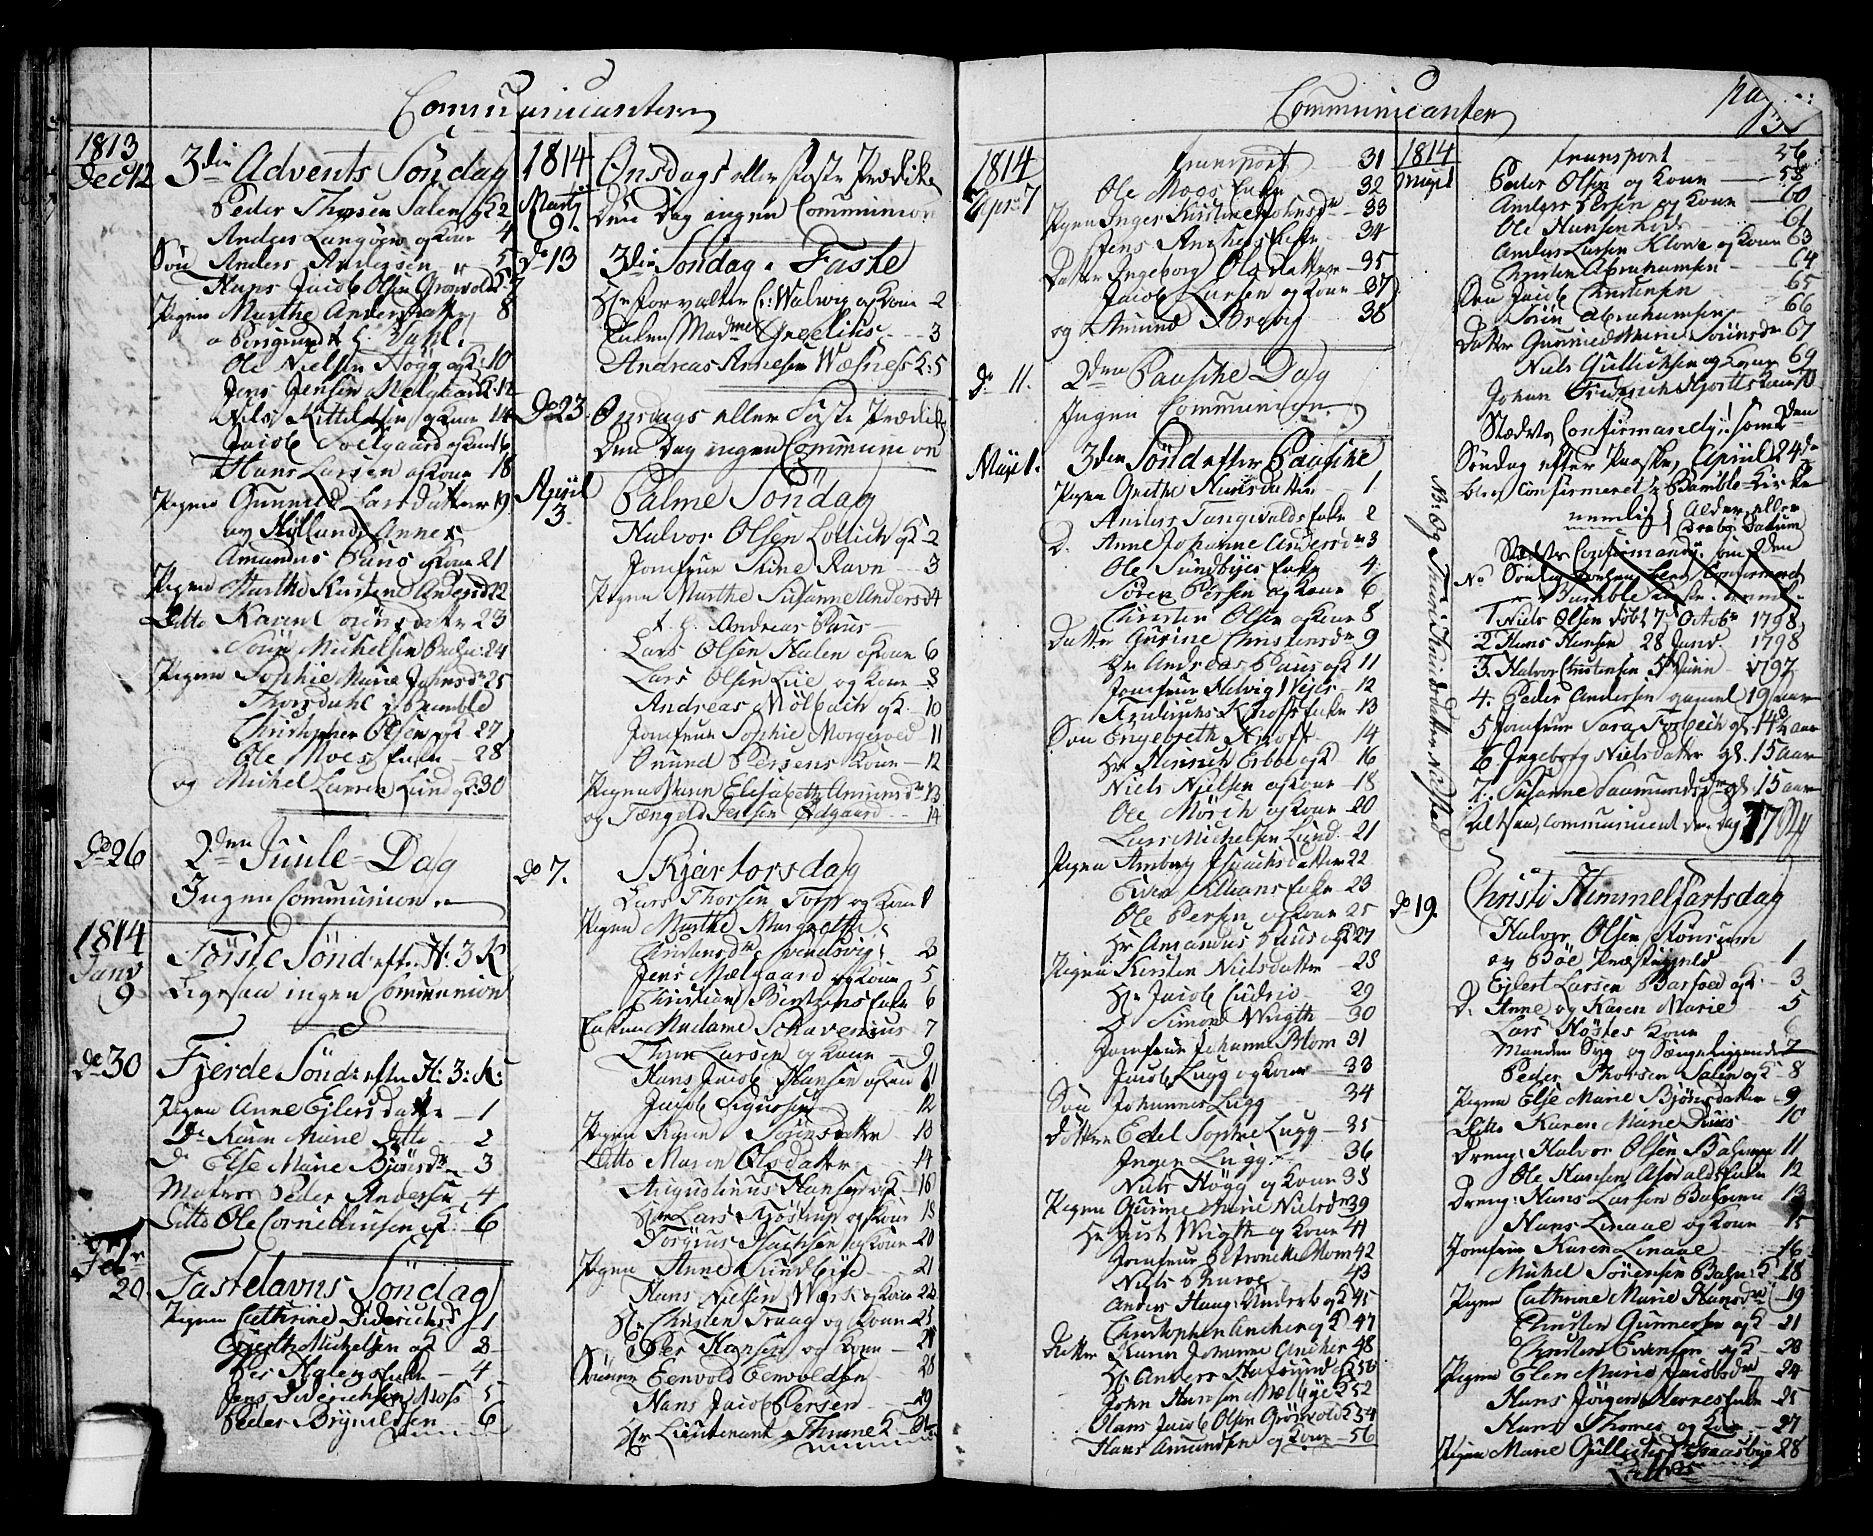 SAKO, Langesund kirkebøker, G/Ga/L0002: Klokkerbok nr. 2, 1801-1815, s. 36